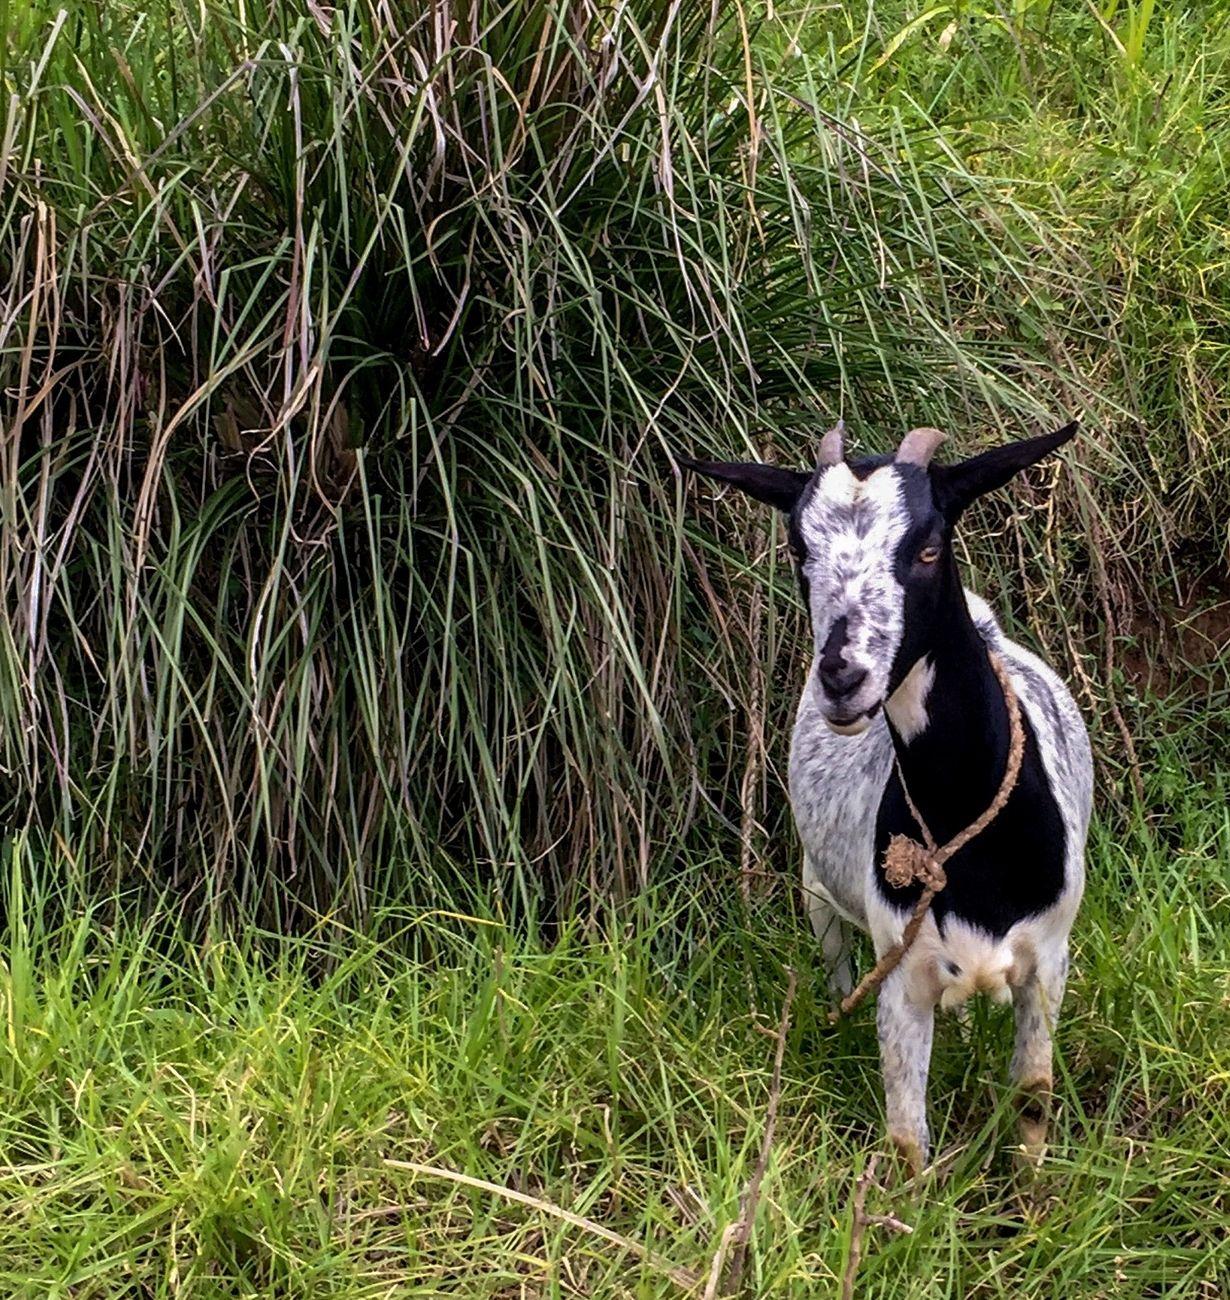 Goat is eaten a lot in Haiti